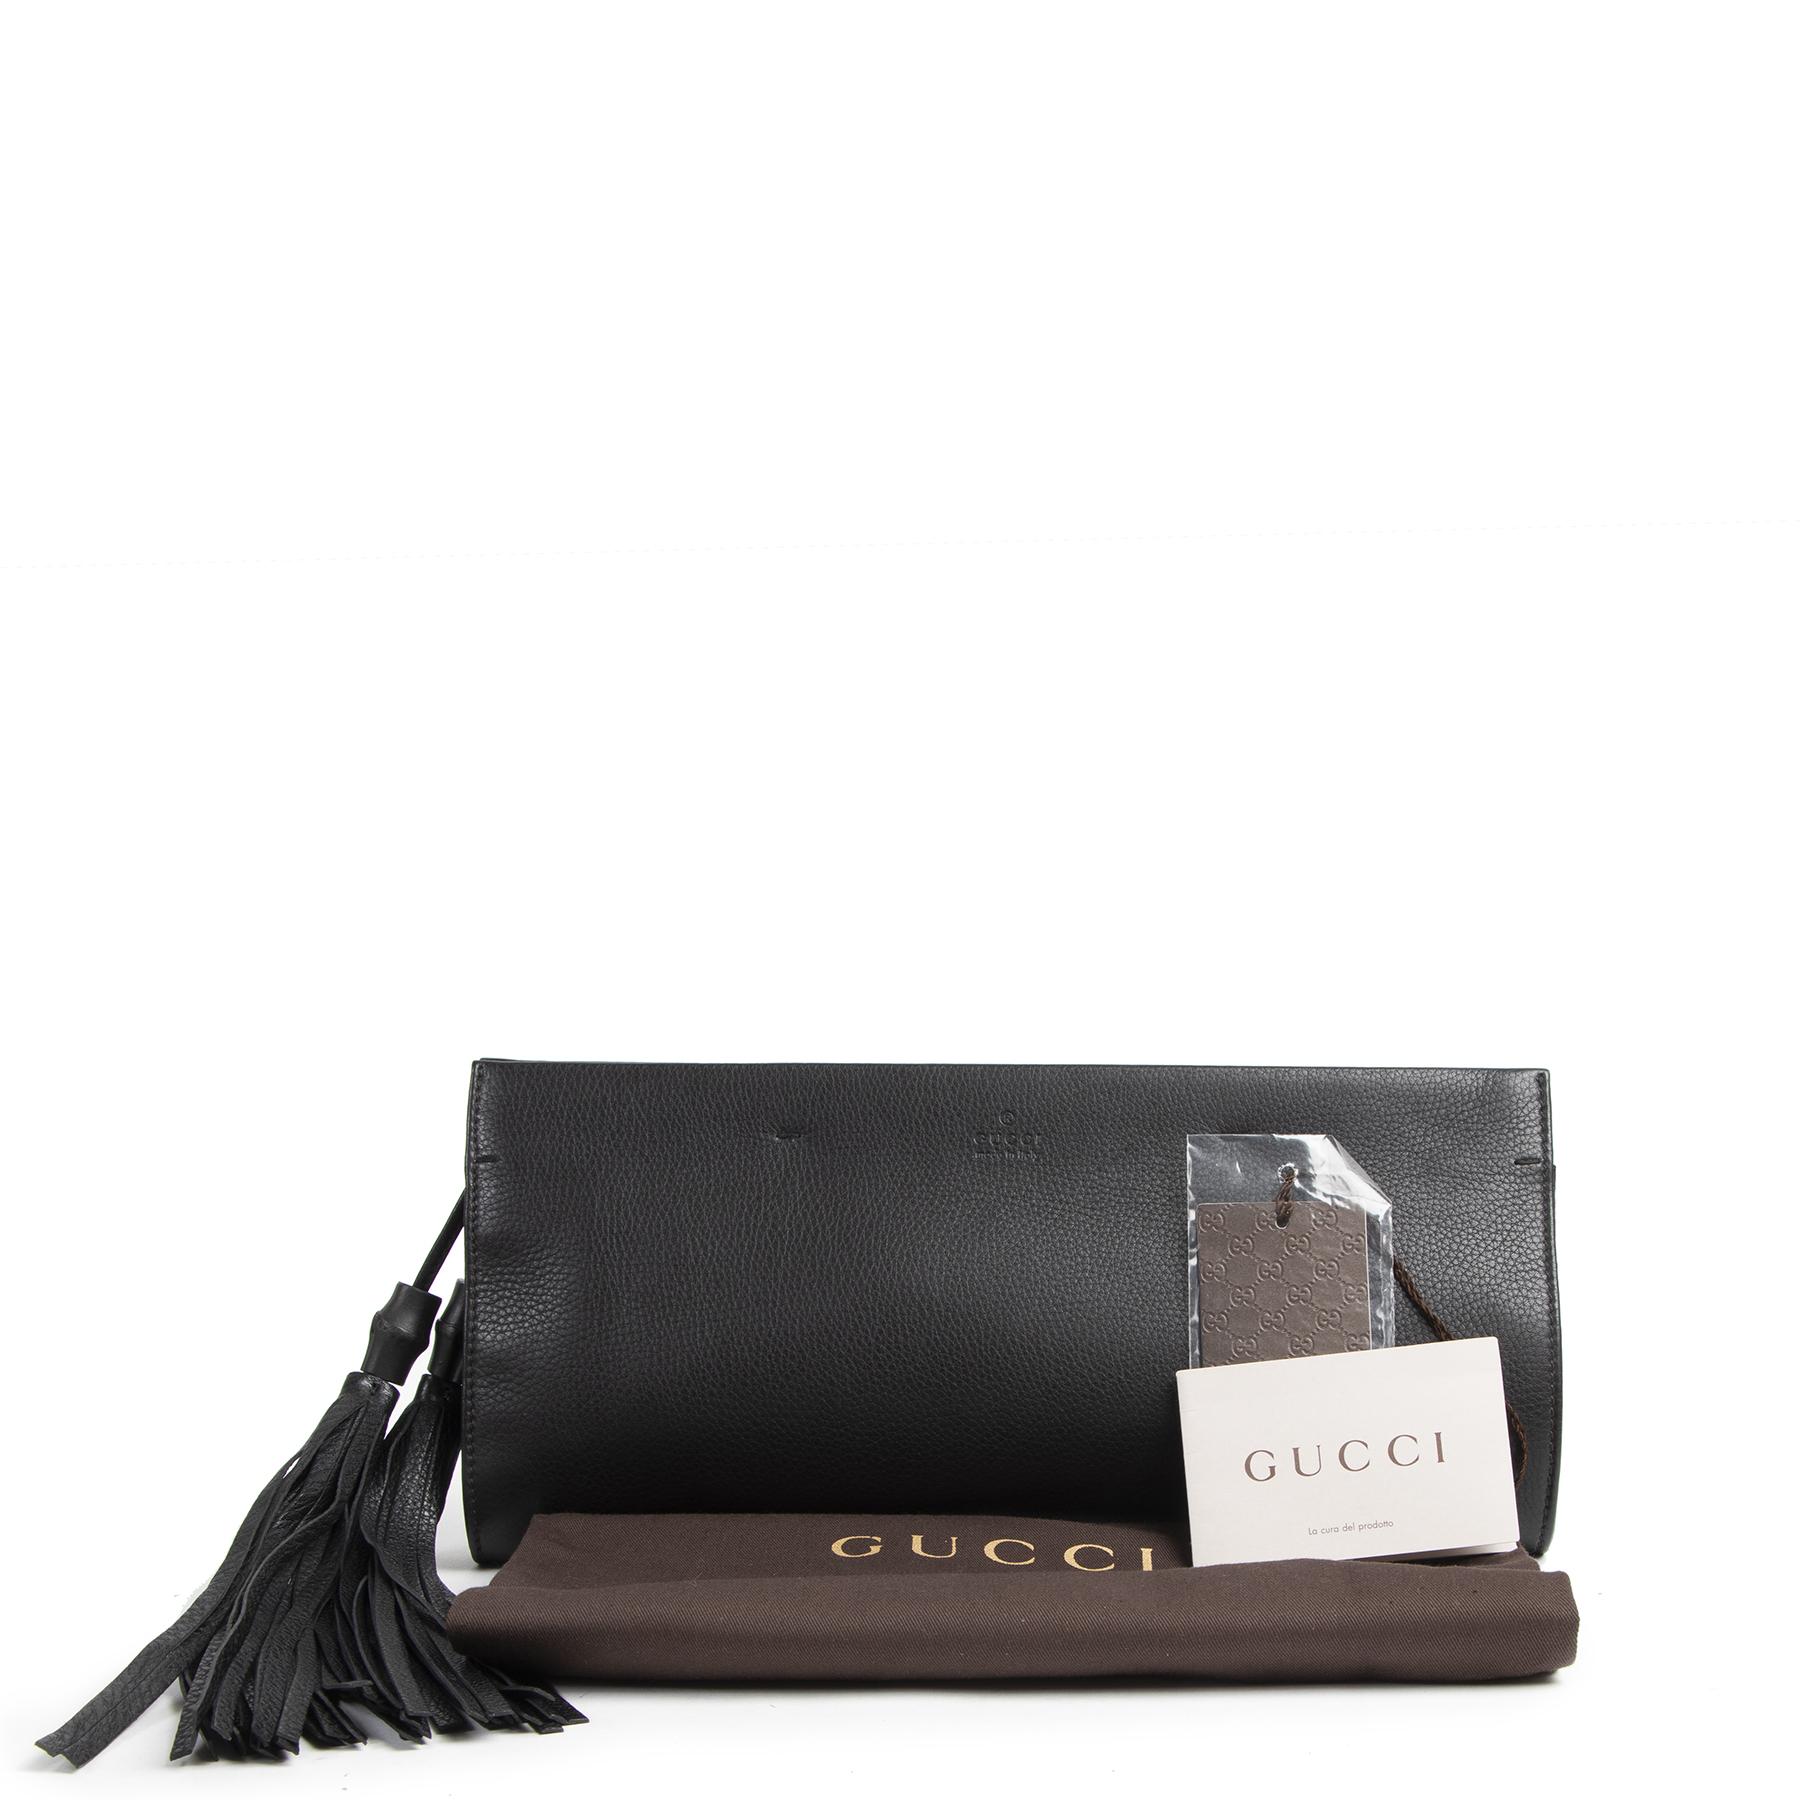 Authentieke tweedehands Gucci Clutch juiste prijs veilig online winkelen LabelLOV webshop luxe merken winkelen Antwerpen België mode fashion